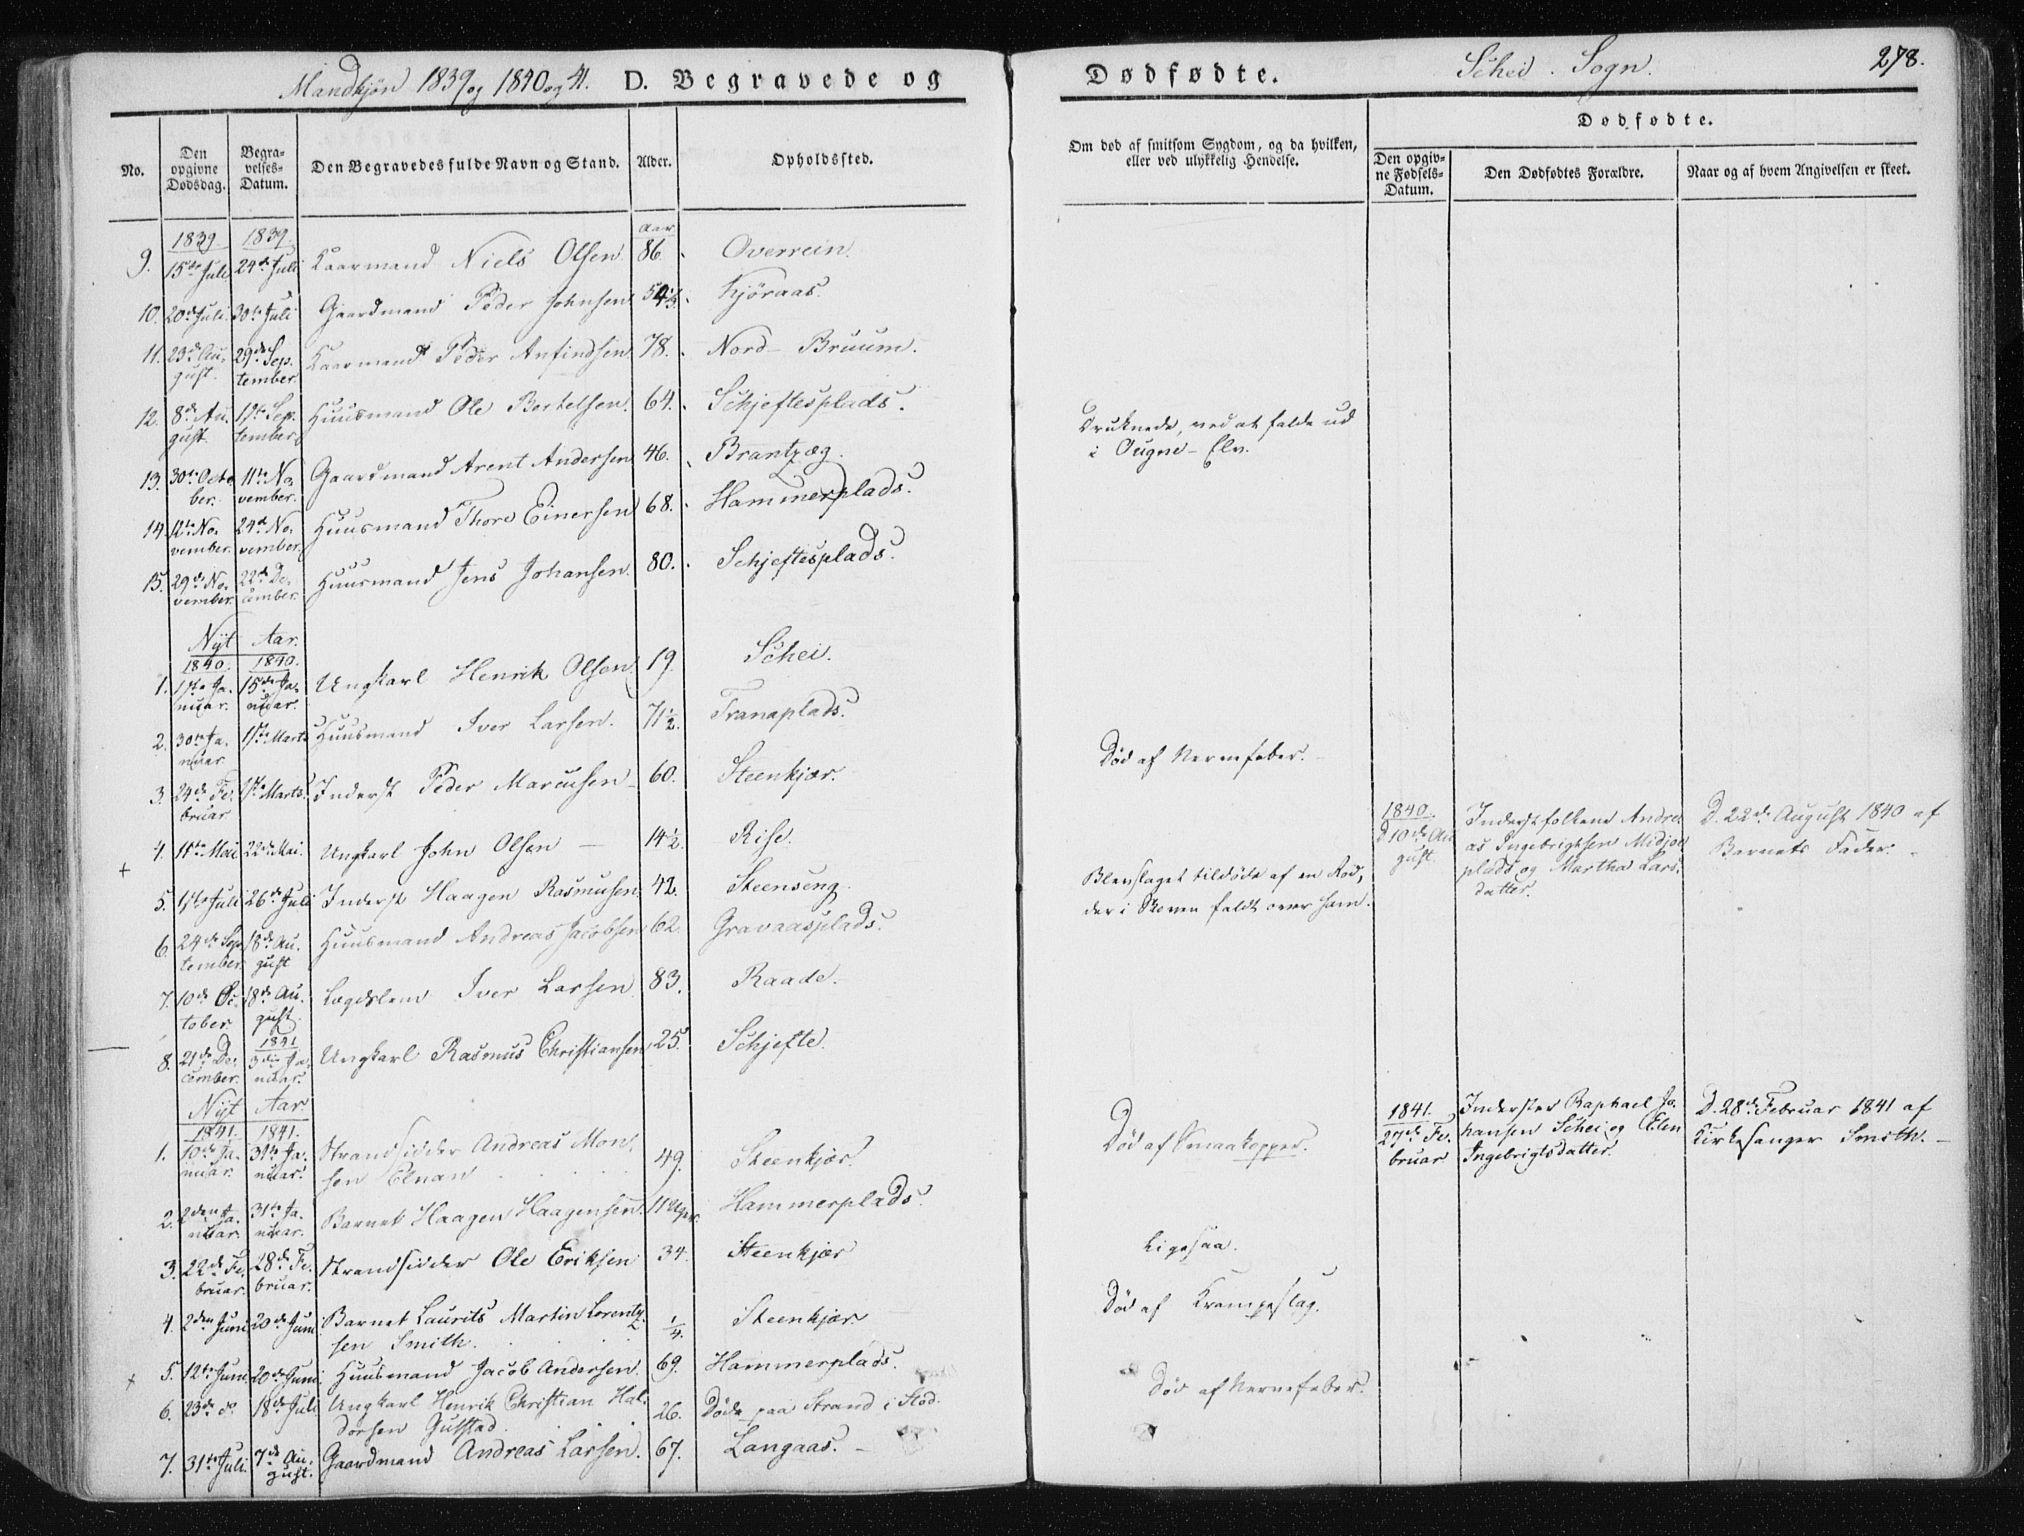 SAT, Ministerialprotokoller, klokkerbøker og fødselsregistre - Nord-Trøndelag, 735/L0339: Ministerialbok nr. 735A06 /2, 1836-1848, s. 278